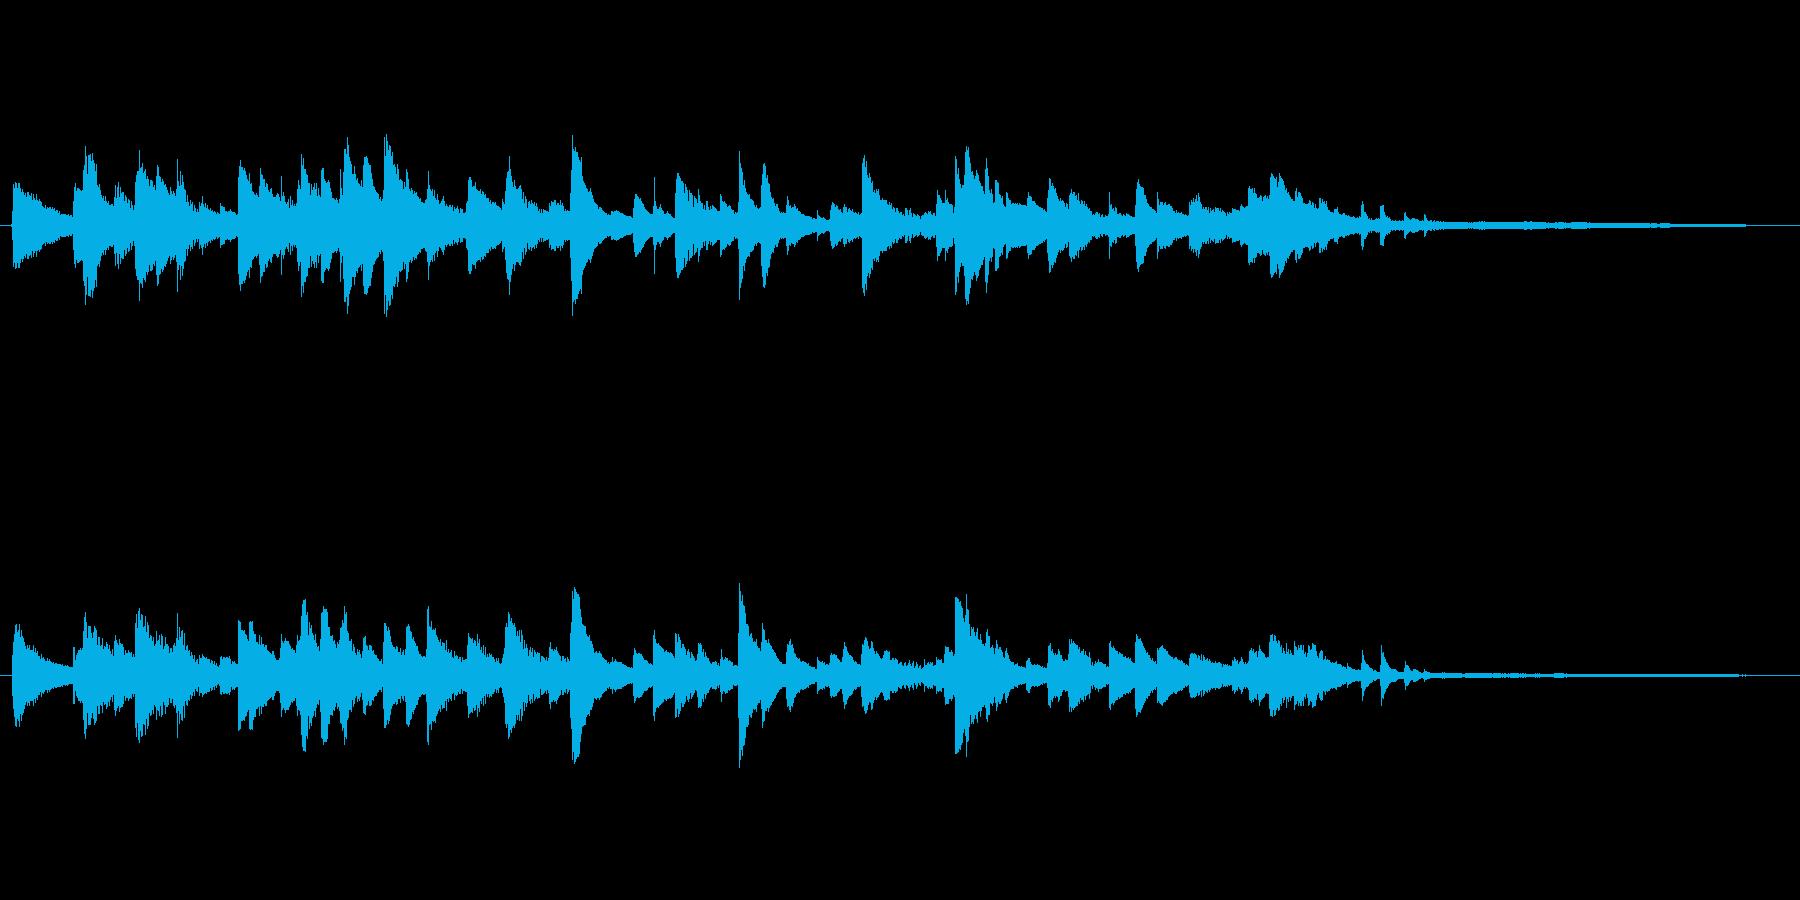 物語の終わりに合うエンディグ用ピアノソロの再生済みの波形